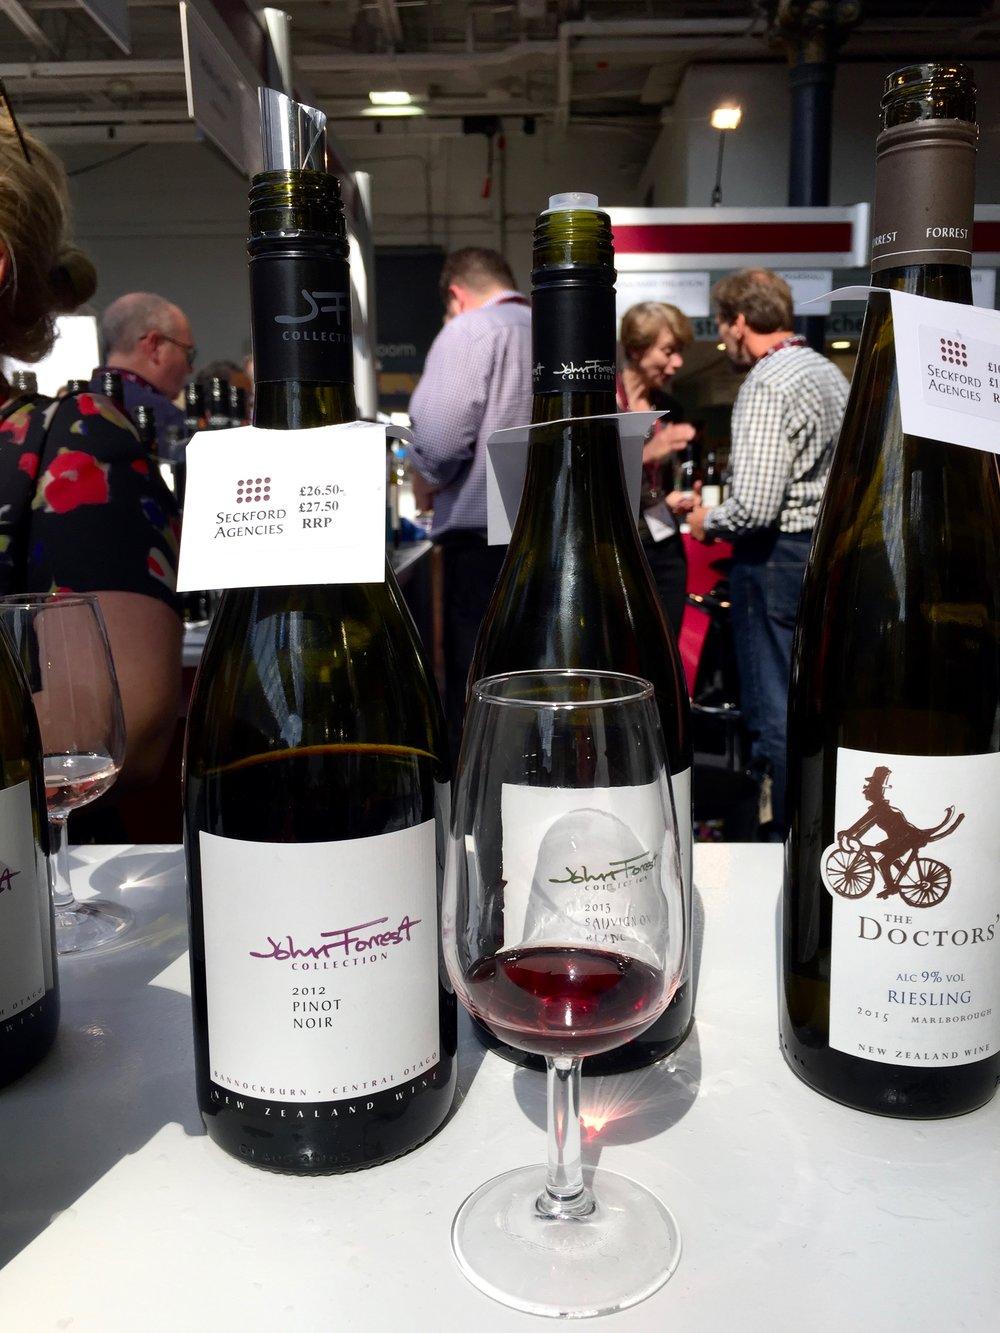 Bottle Bitches - John Forrest Collection Pinot Noir - New Zealand Pinot Noir.jpg